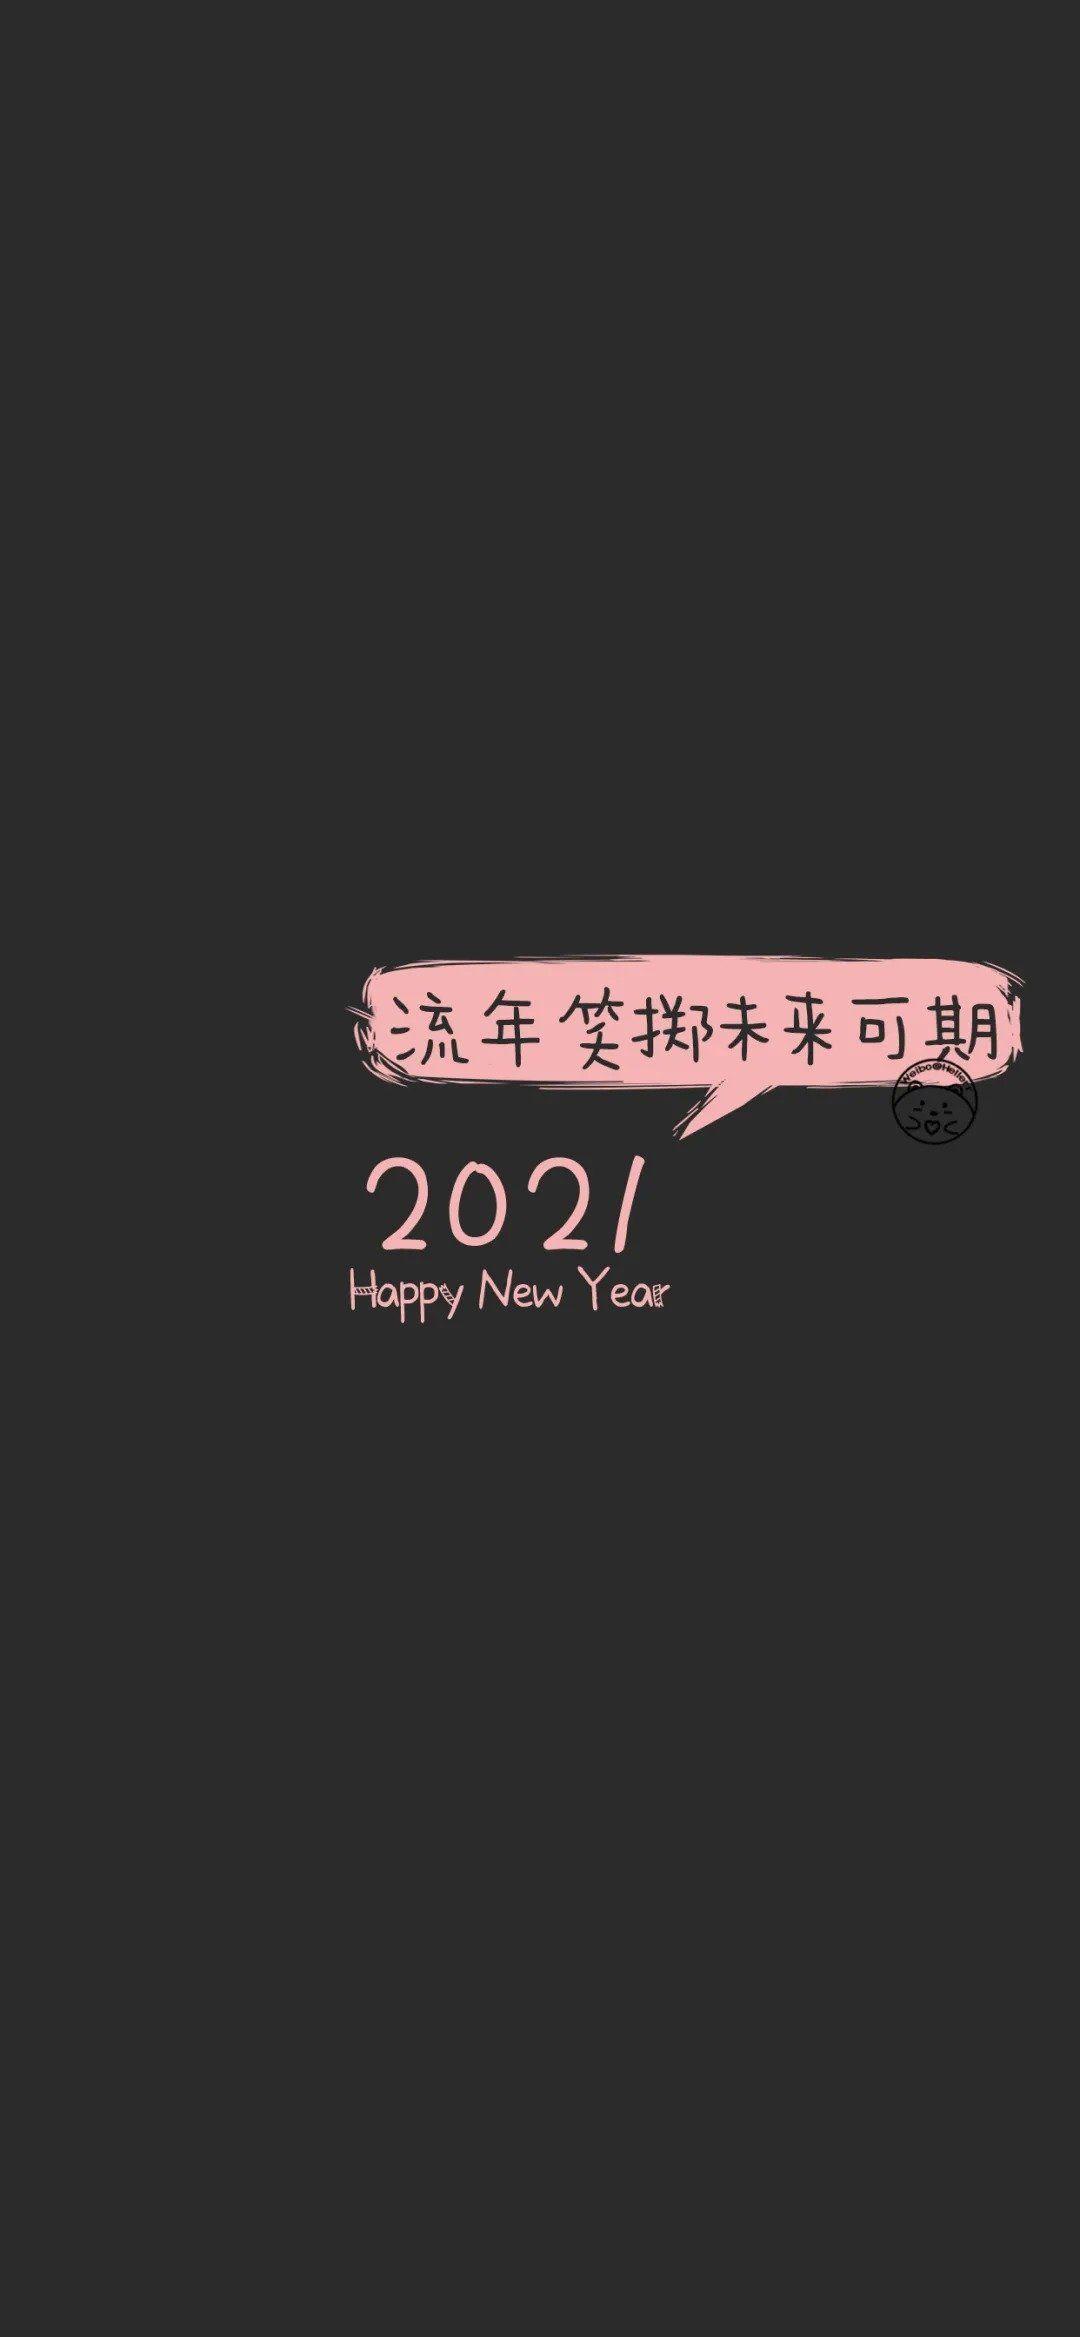 壁纸   2021手机壁纸插图25